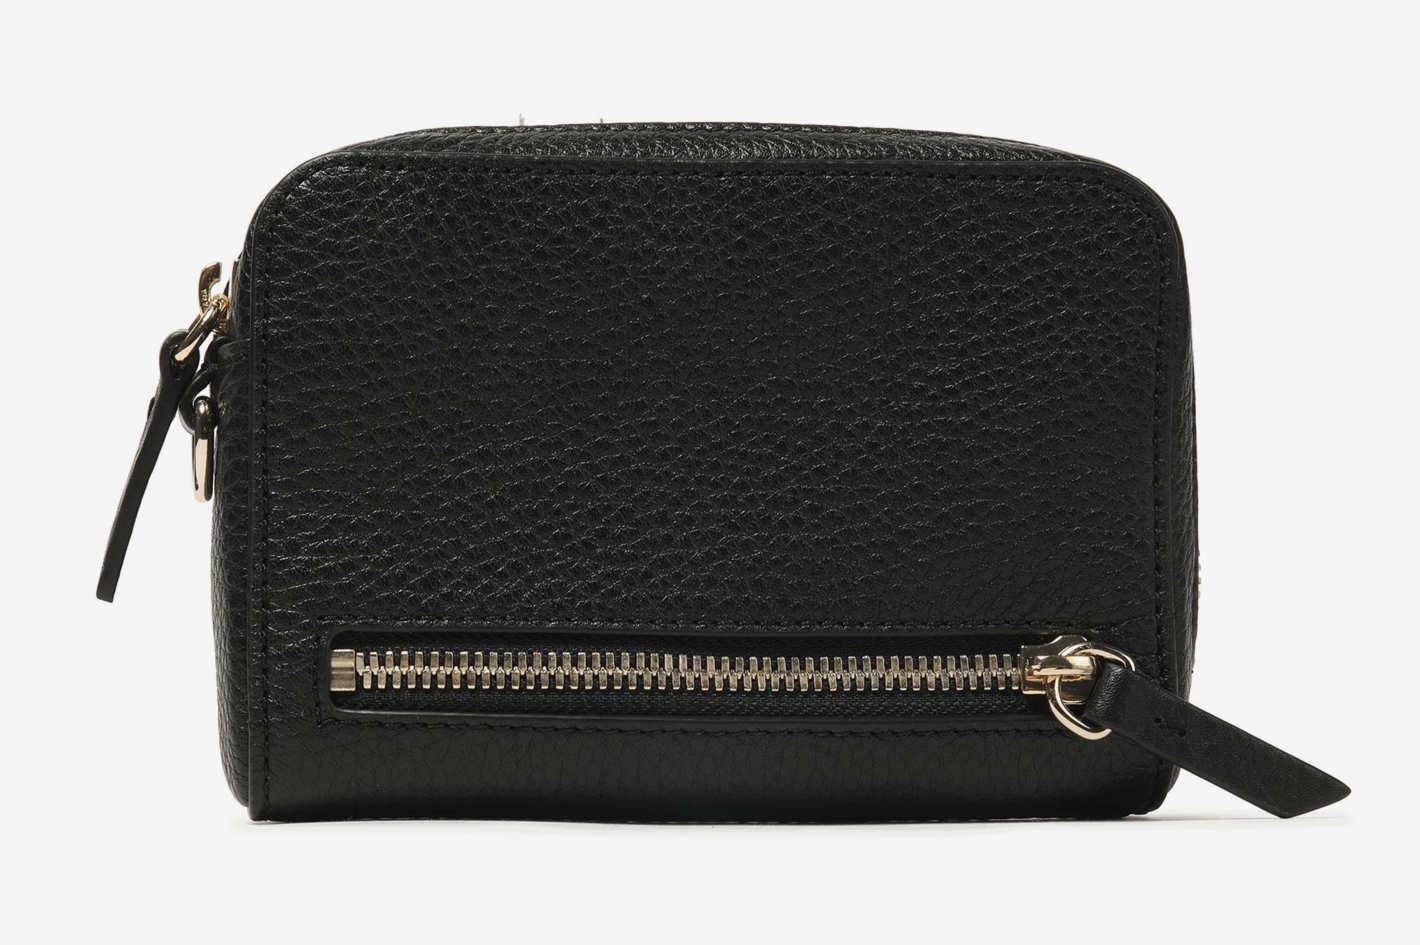 super popular 9db4d 3b1ca Alexander Wang Leather Wallet